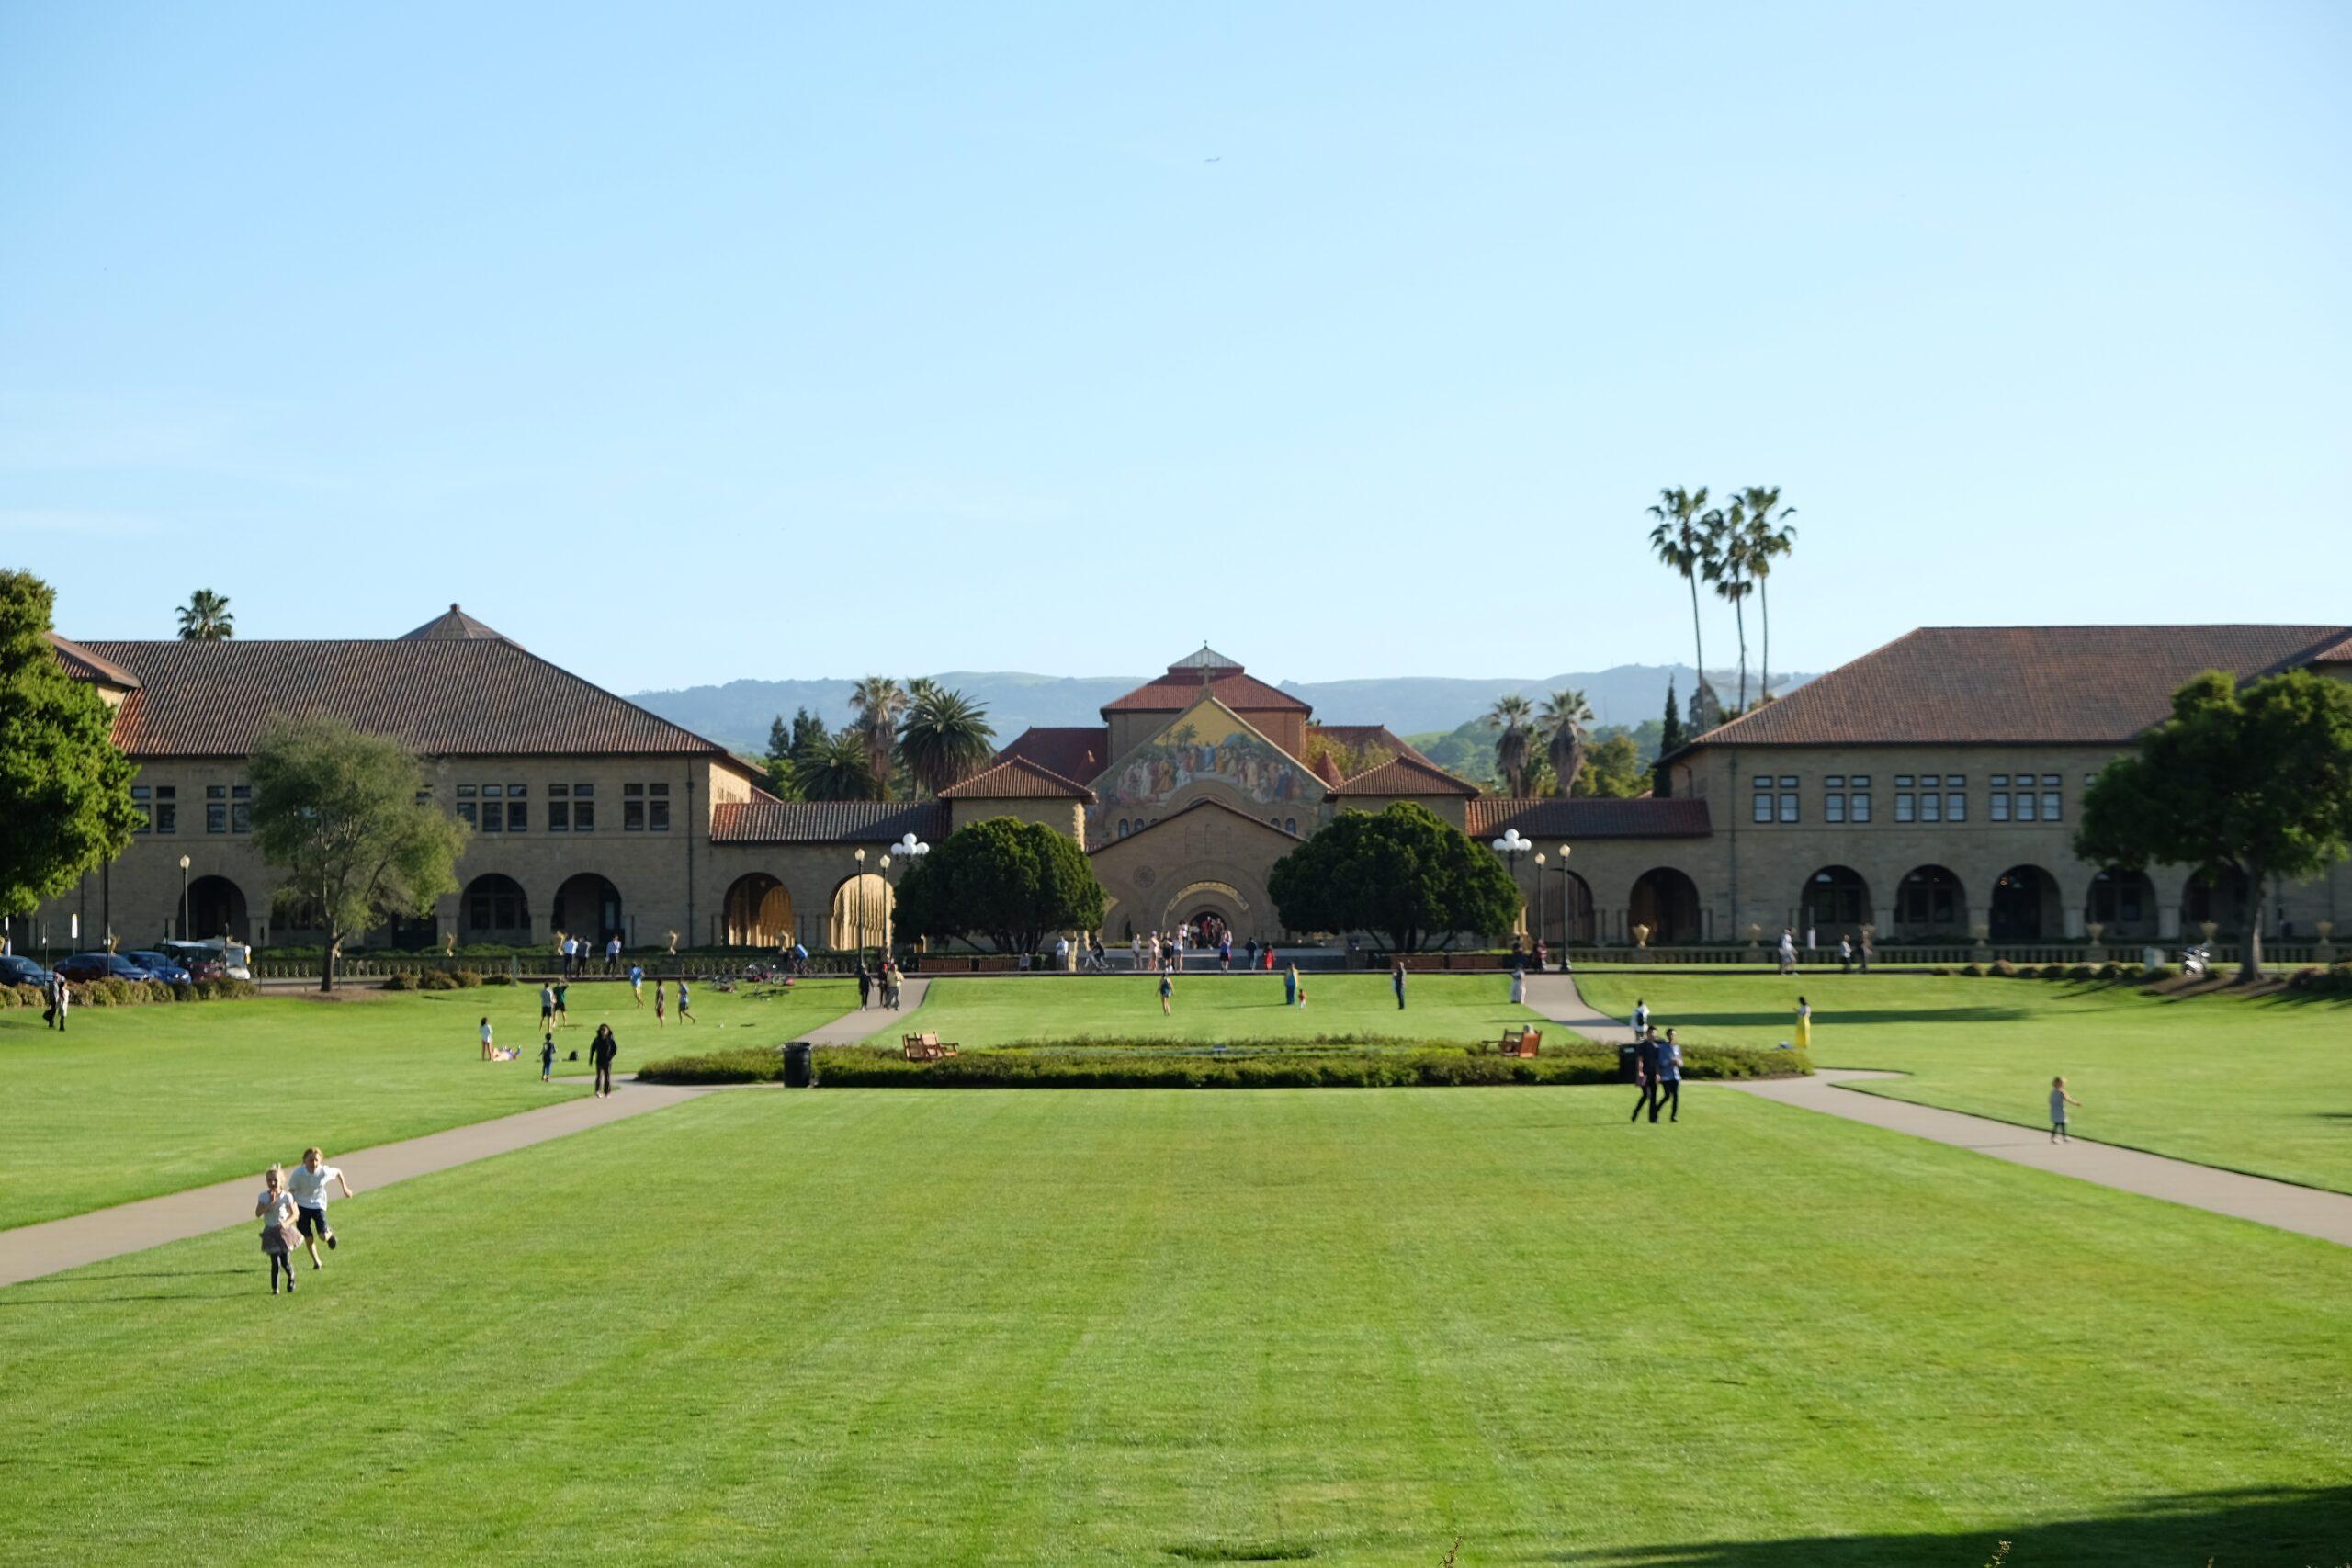 Conheça as universidades do Vale do Silício